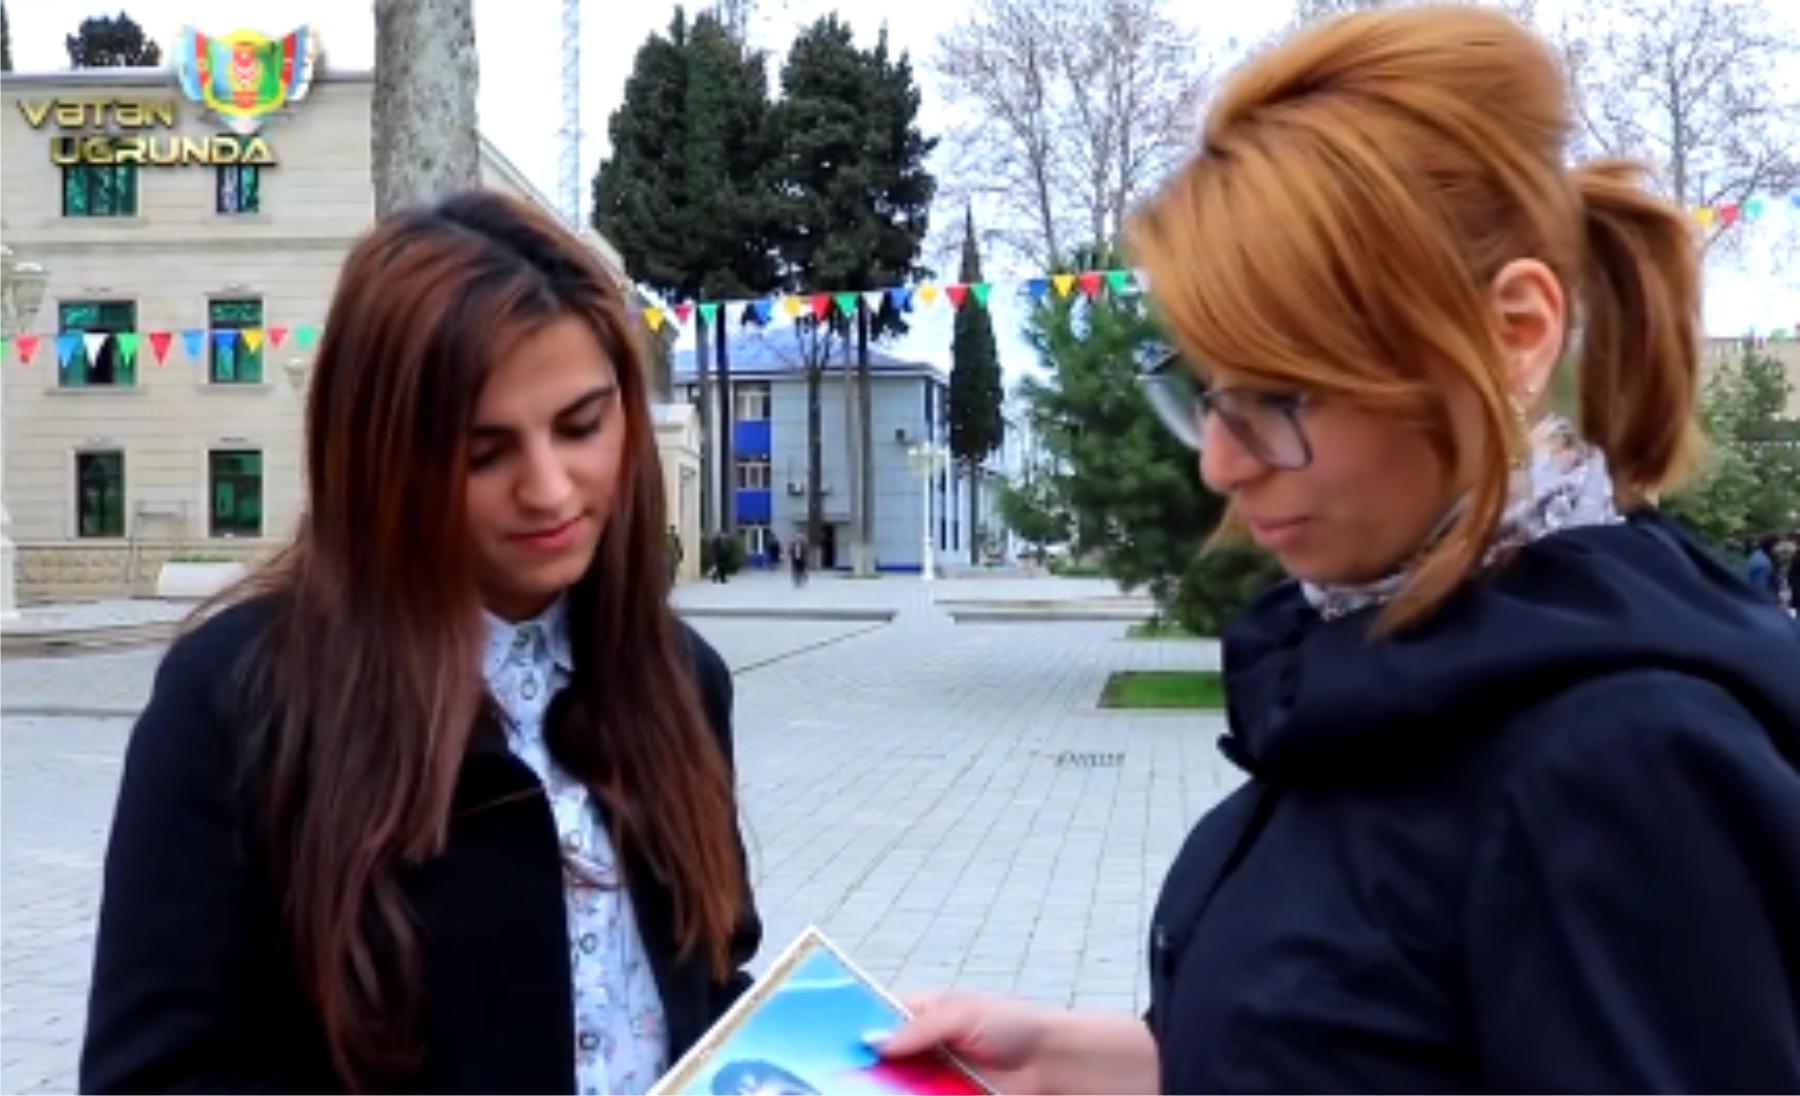 TƏRTƏRDƏ ŞANLI APREL ZƏFƏRİ İLƏ BAĞLI SORĞU KEÇİRİLİB